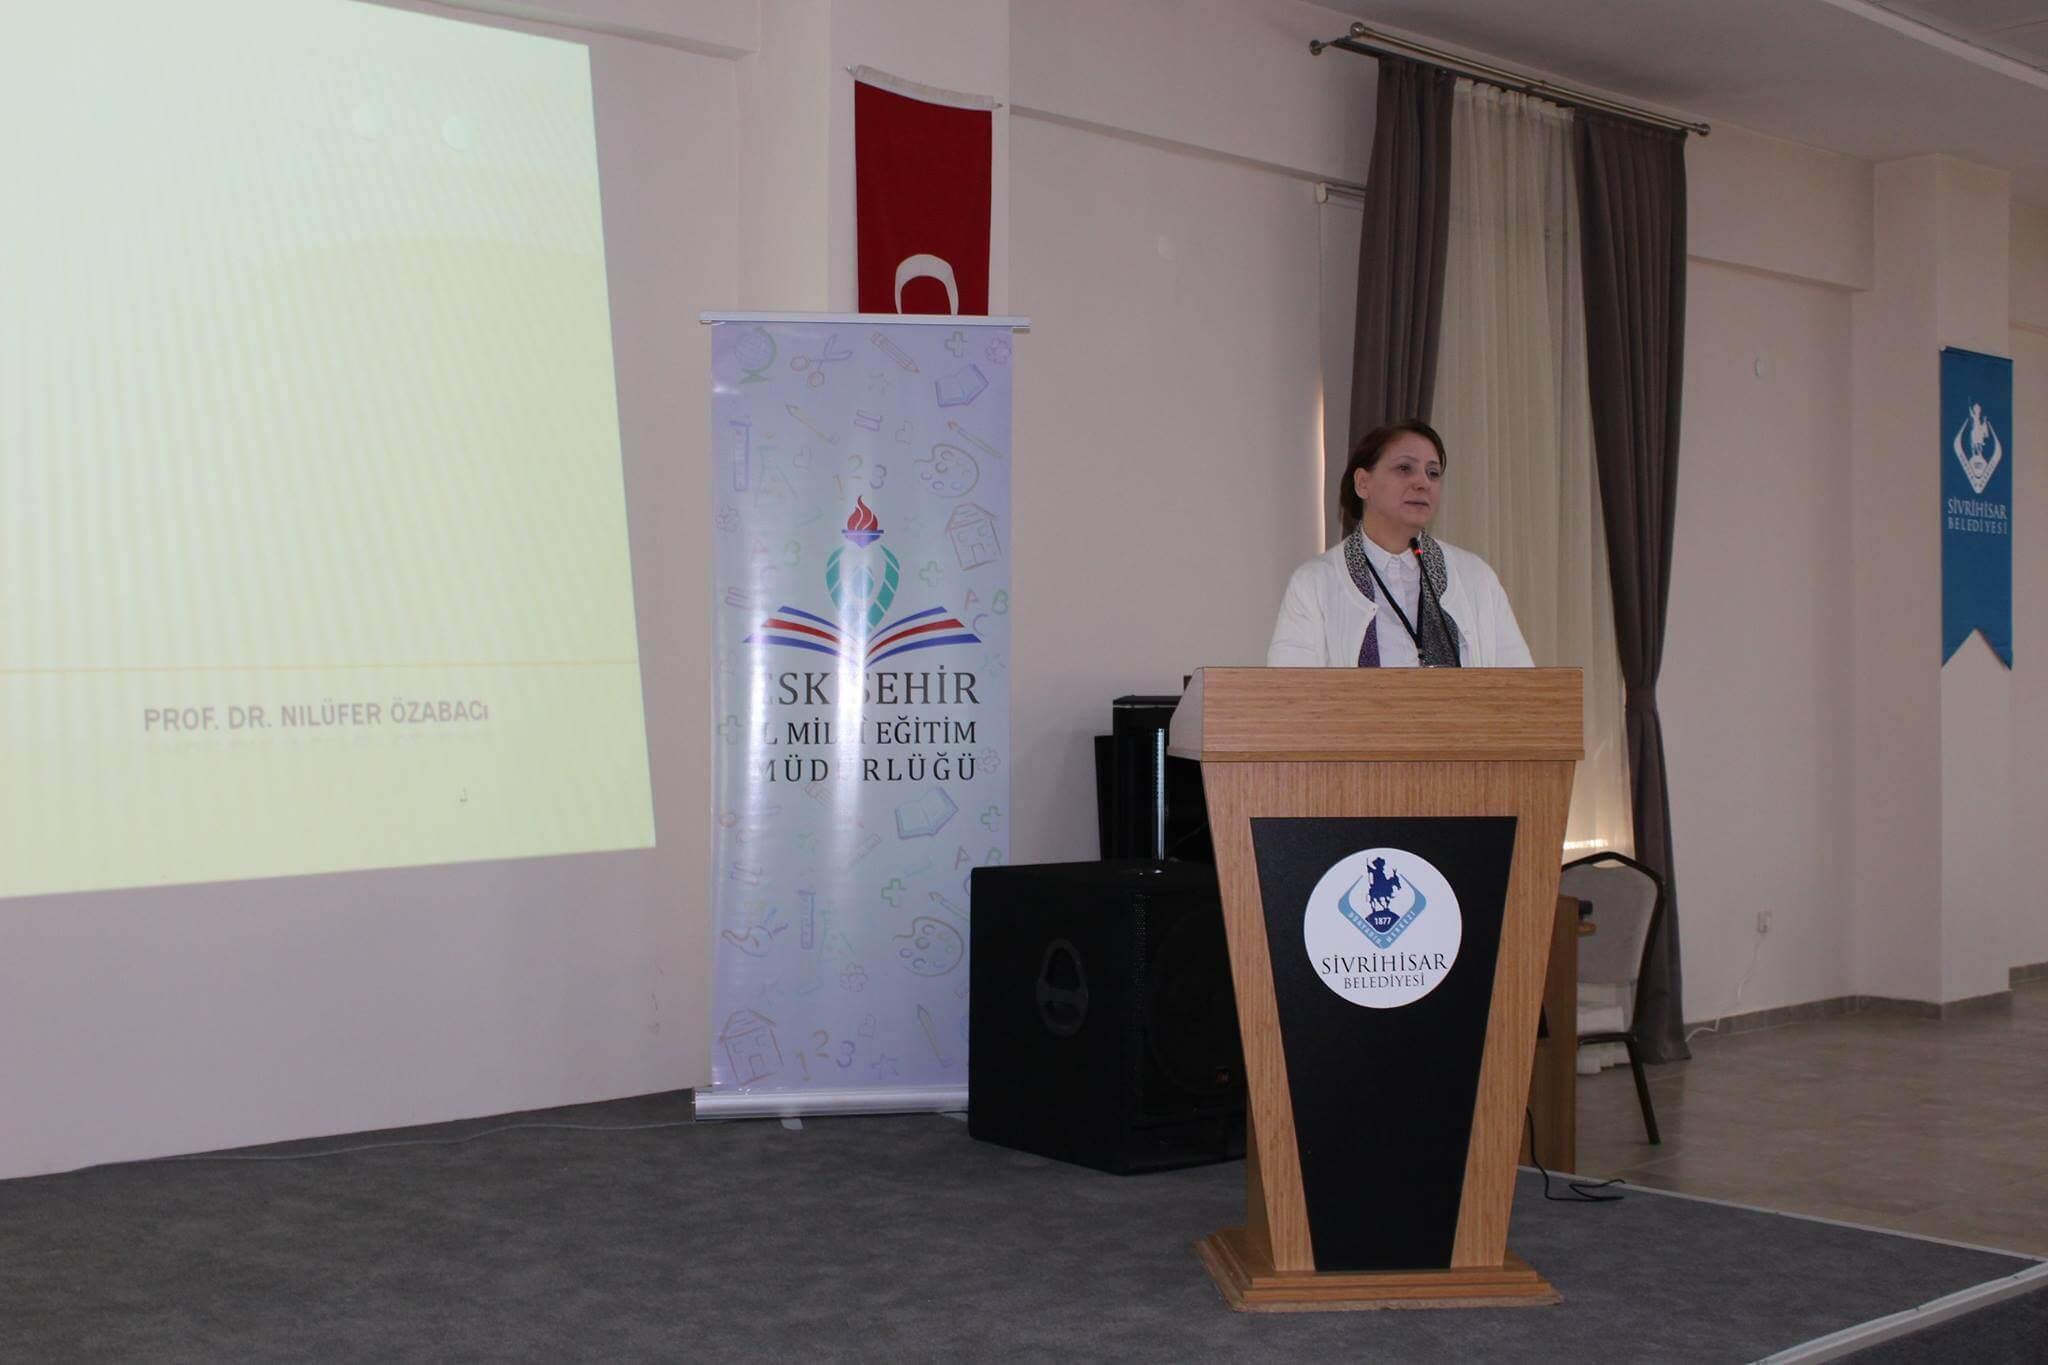 Çocuk Odaklı Çalışan Kurumların Koordinasyonu 22-23 Mart Sivrihisar Çalıştayı